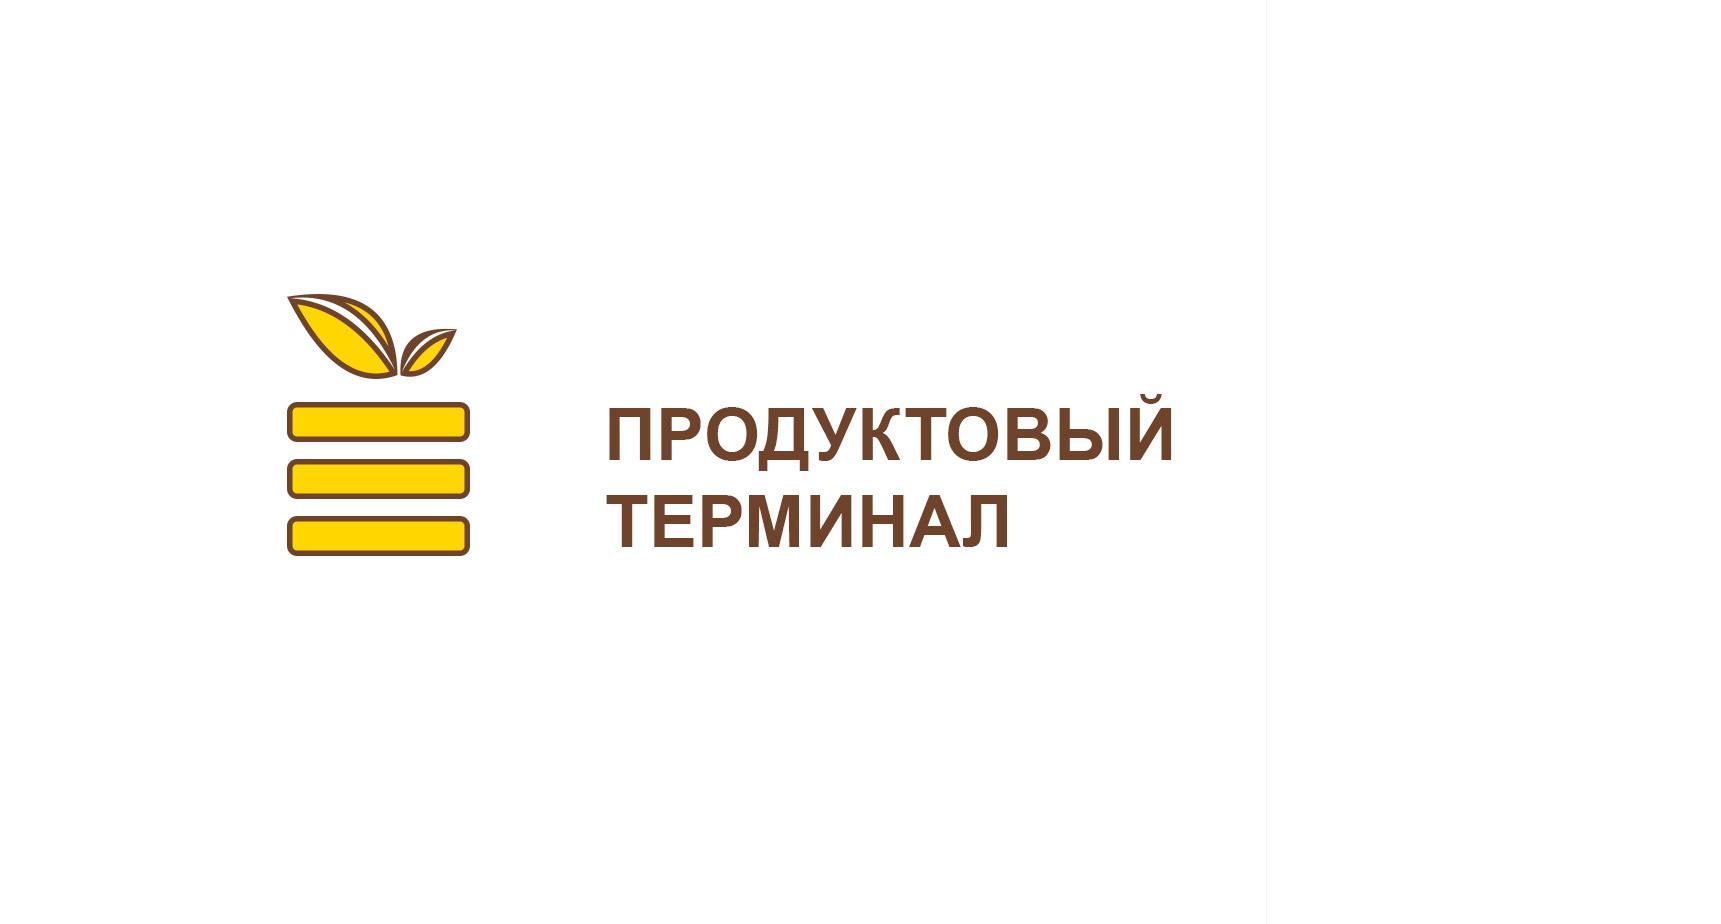 Логотип для сети продуктовых магазинов фото f_97356f965401578e.jpg